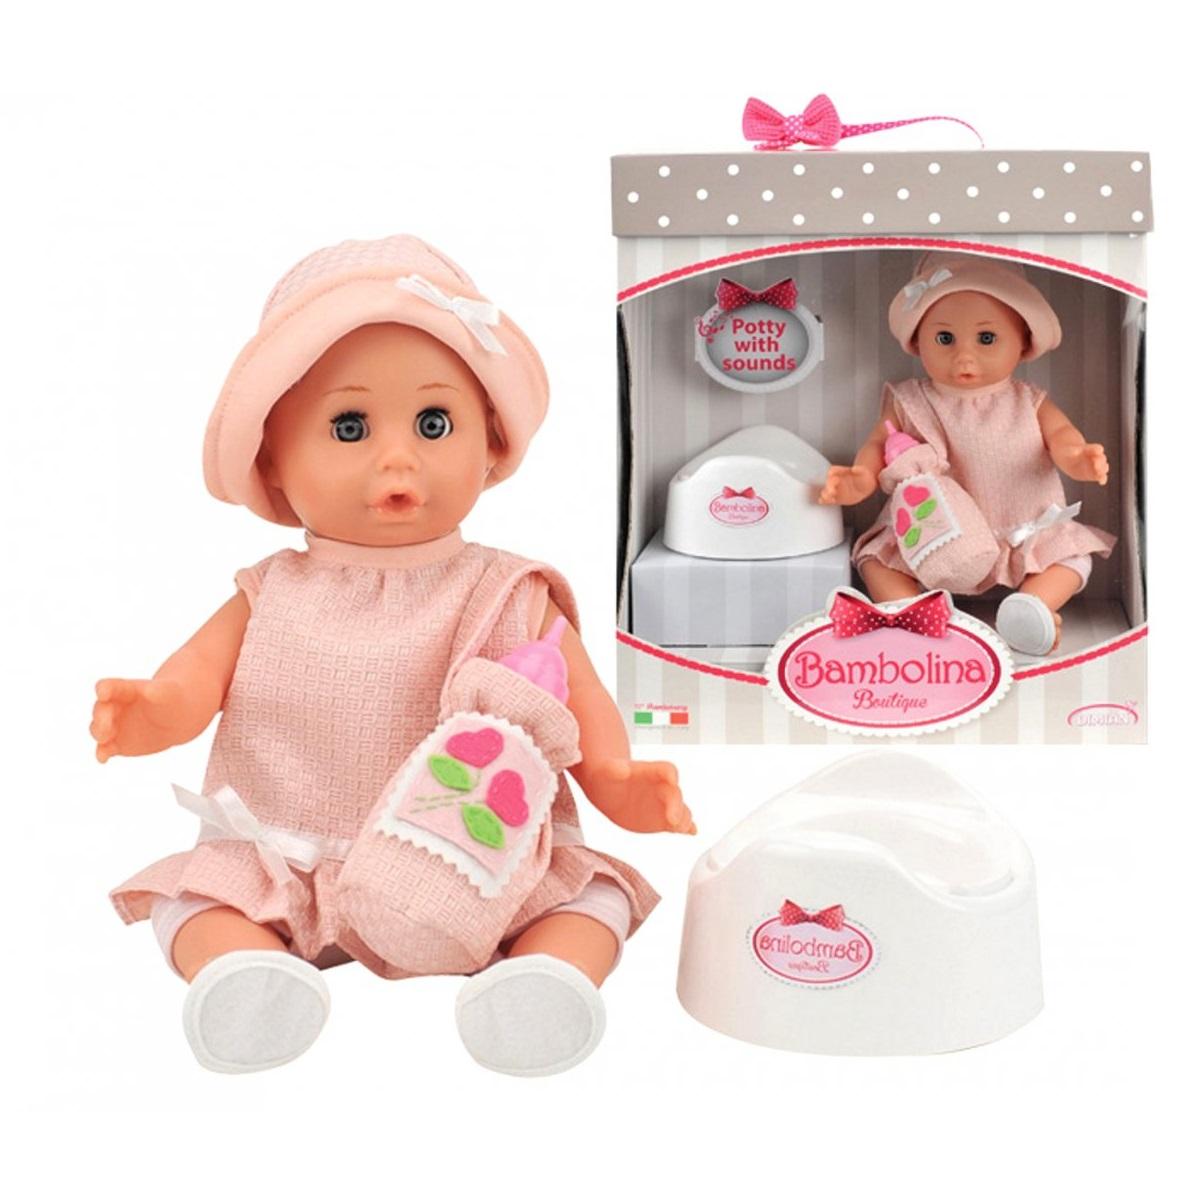 Кукла Bambolina Boutique с аксессуарами, 36 см.